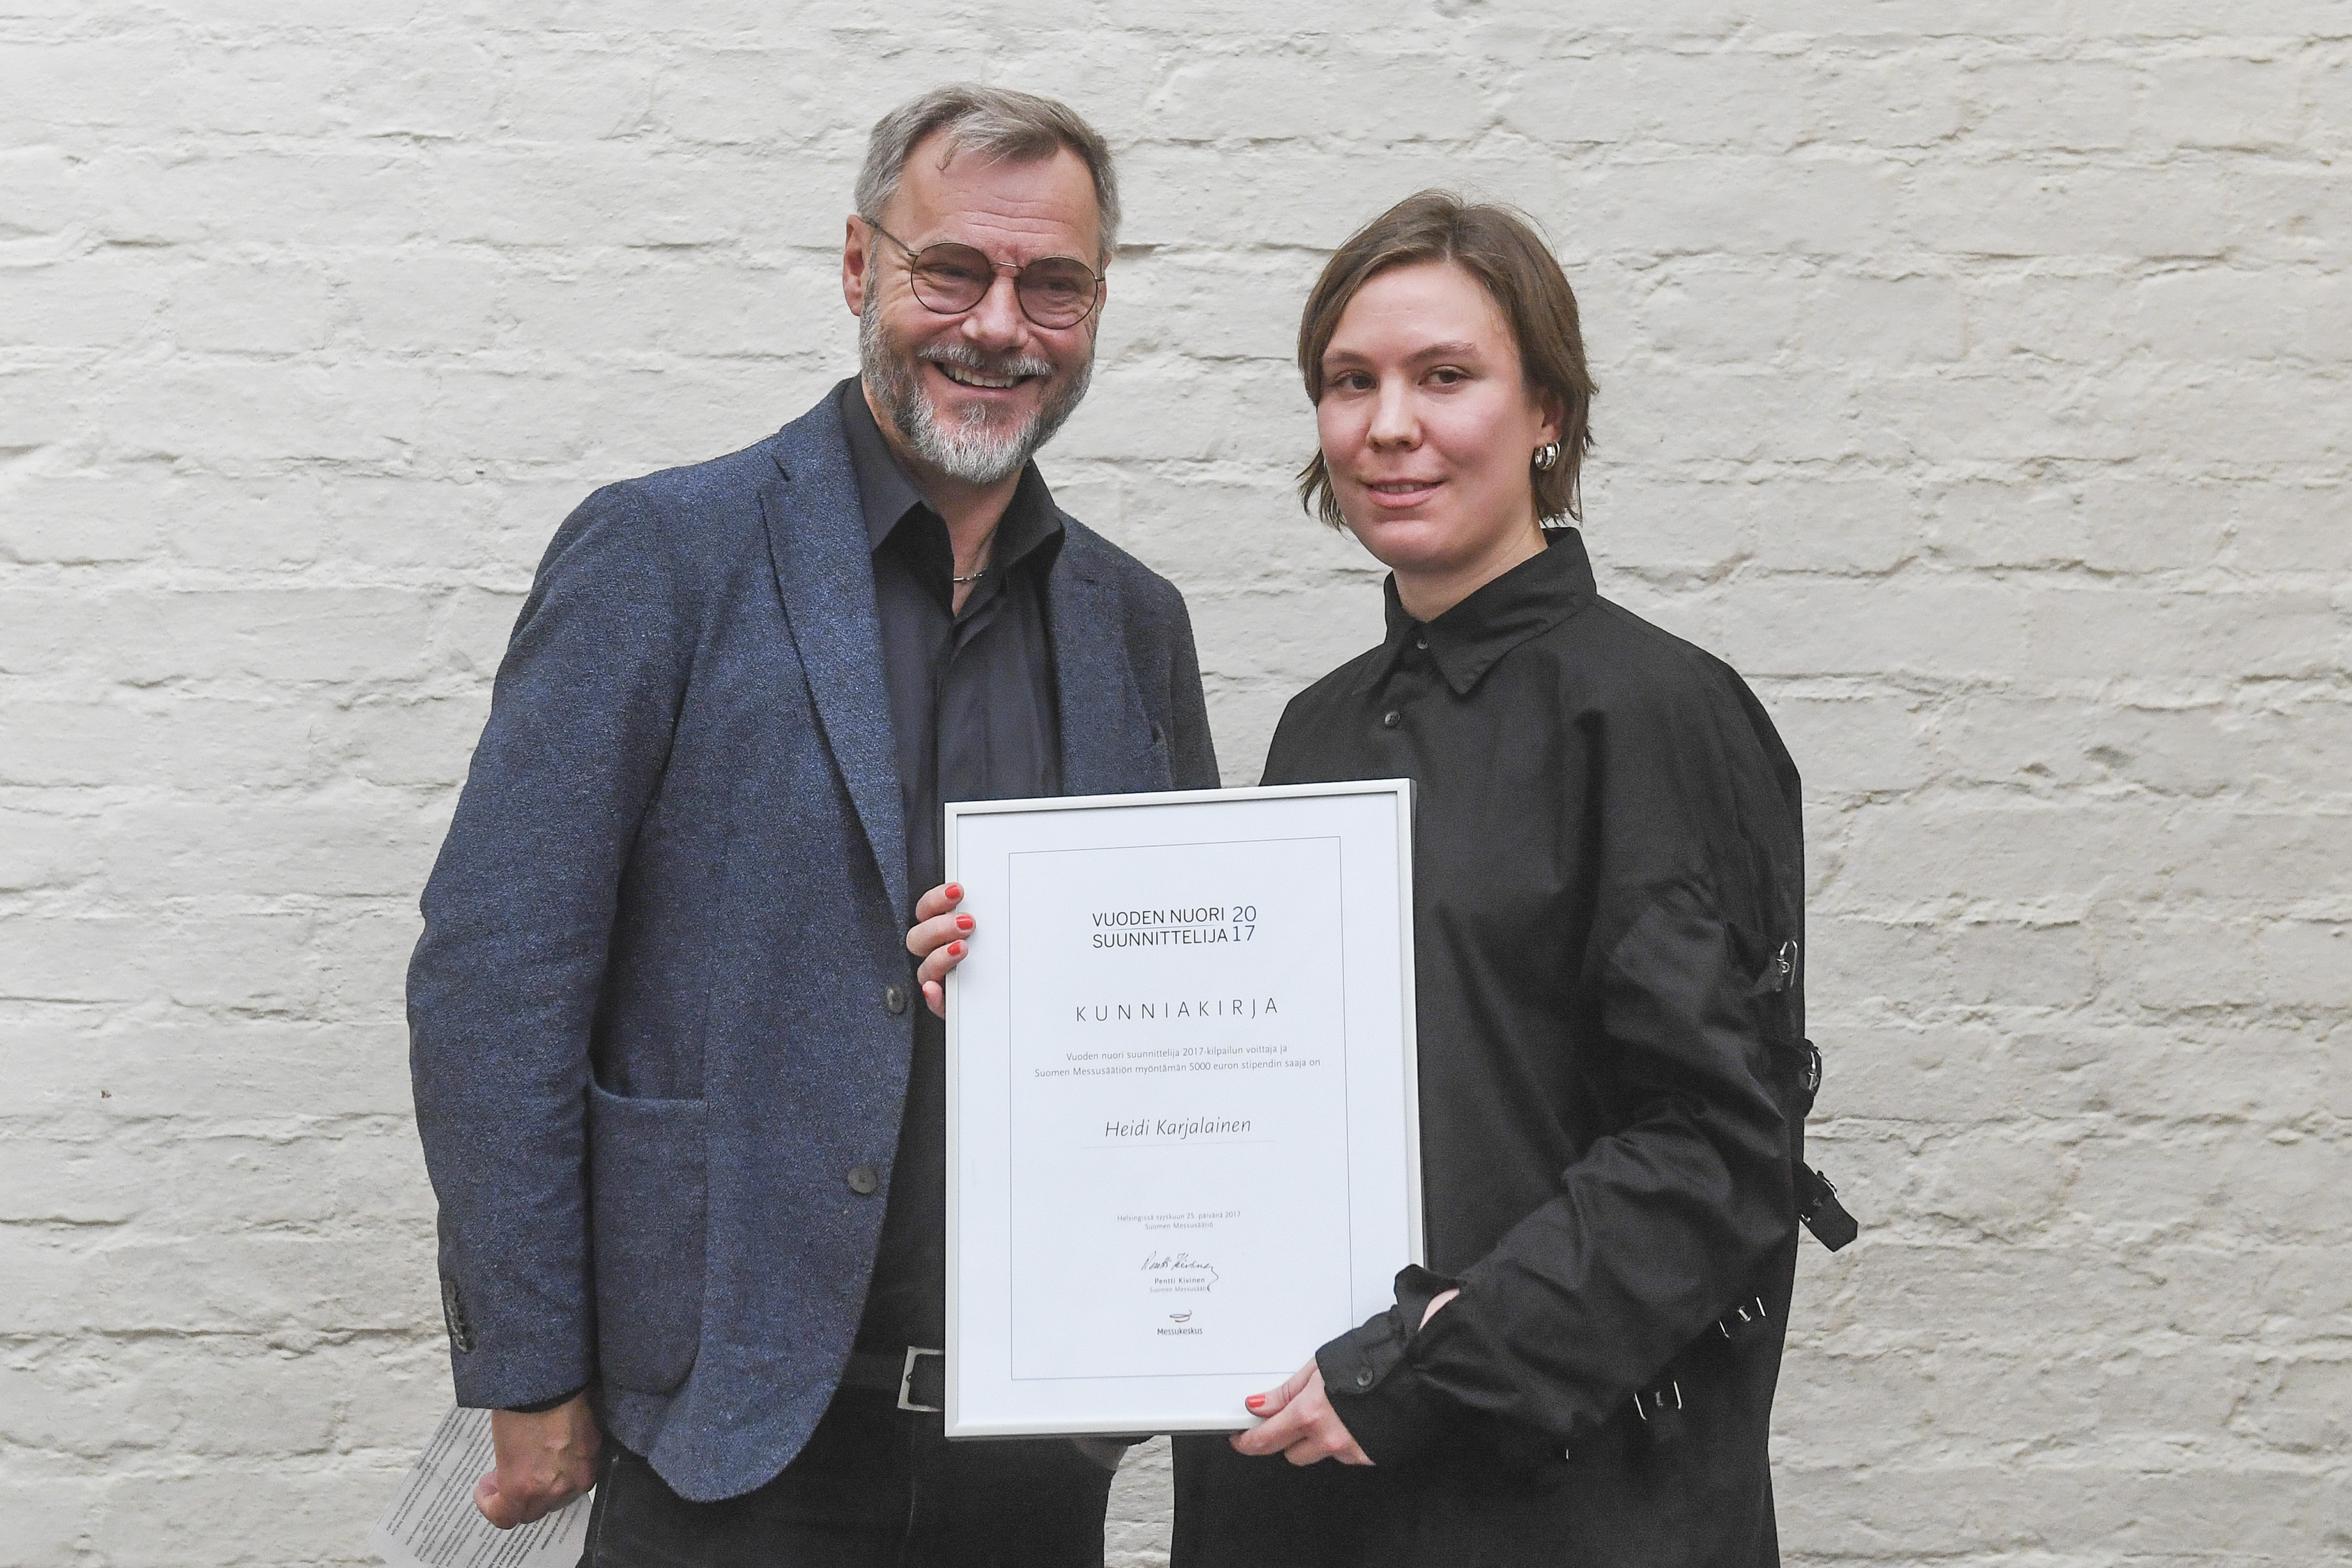 Heidi Karjalainen